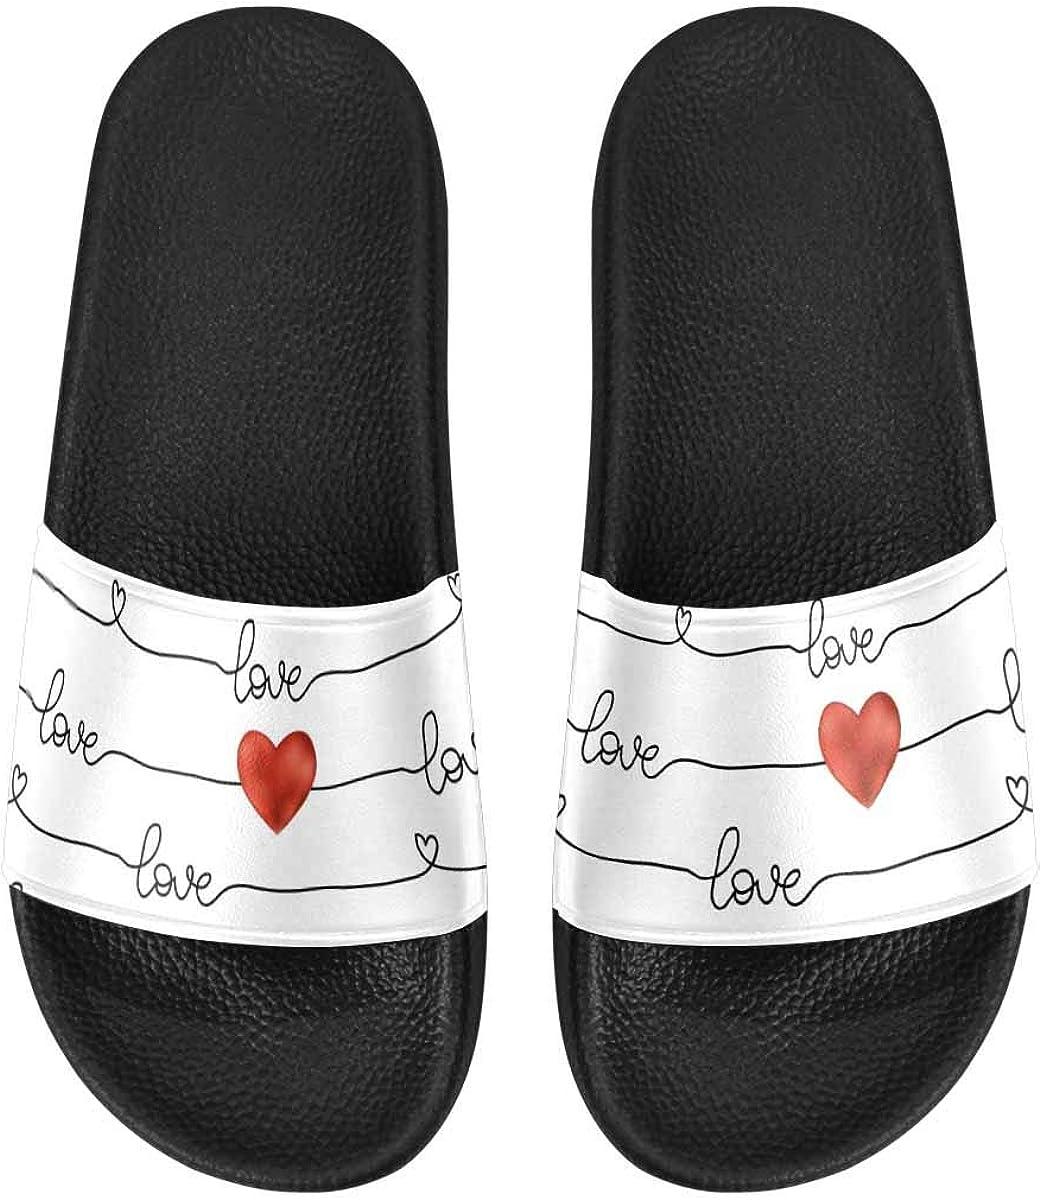 INTERESTPRINT Women's Bath Slippers Beach Outdoor Sandals 5 ☆ popular Max 58% OFF Slide